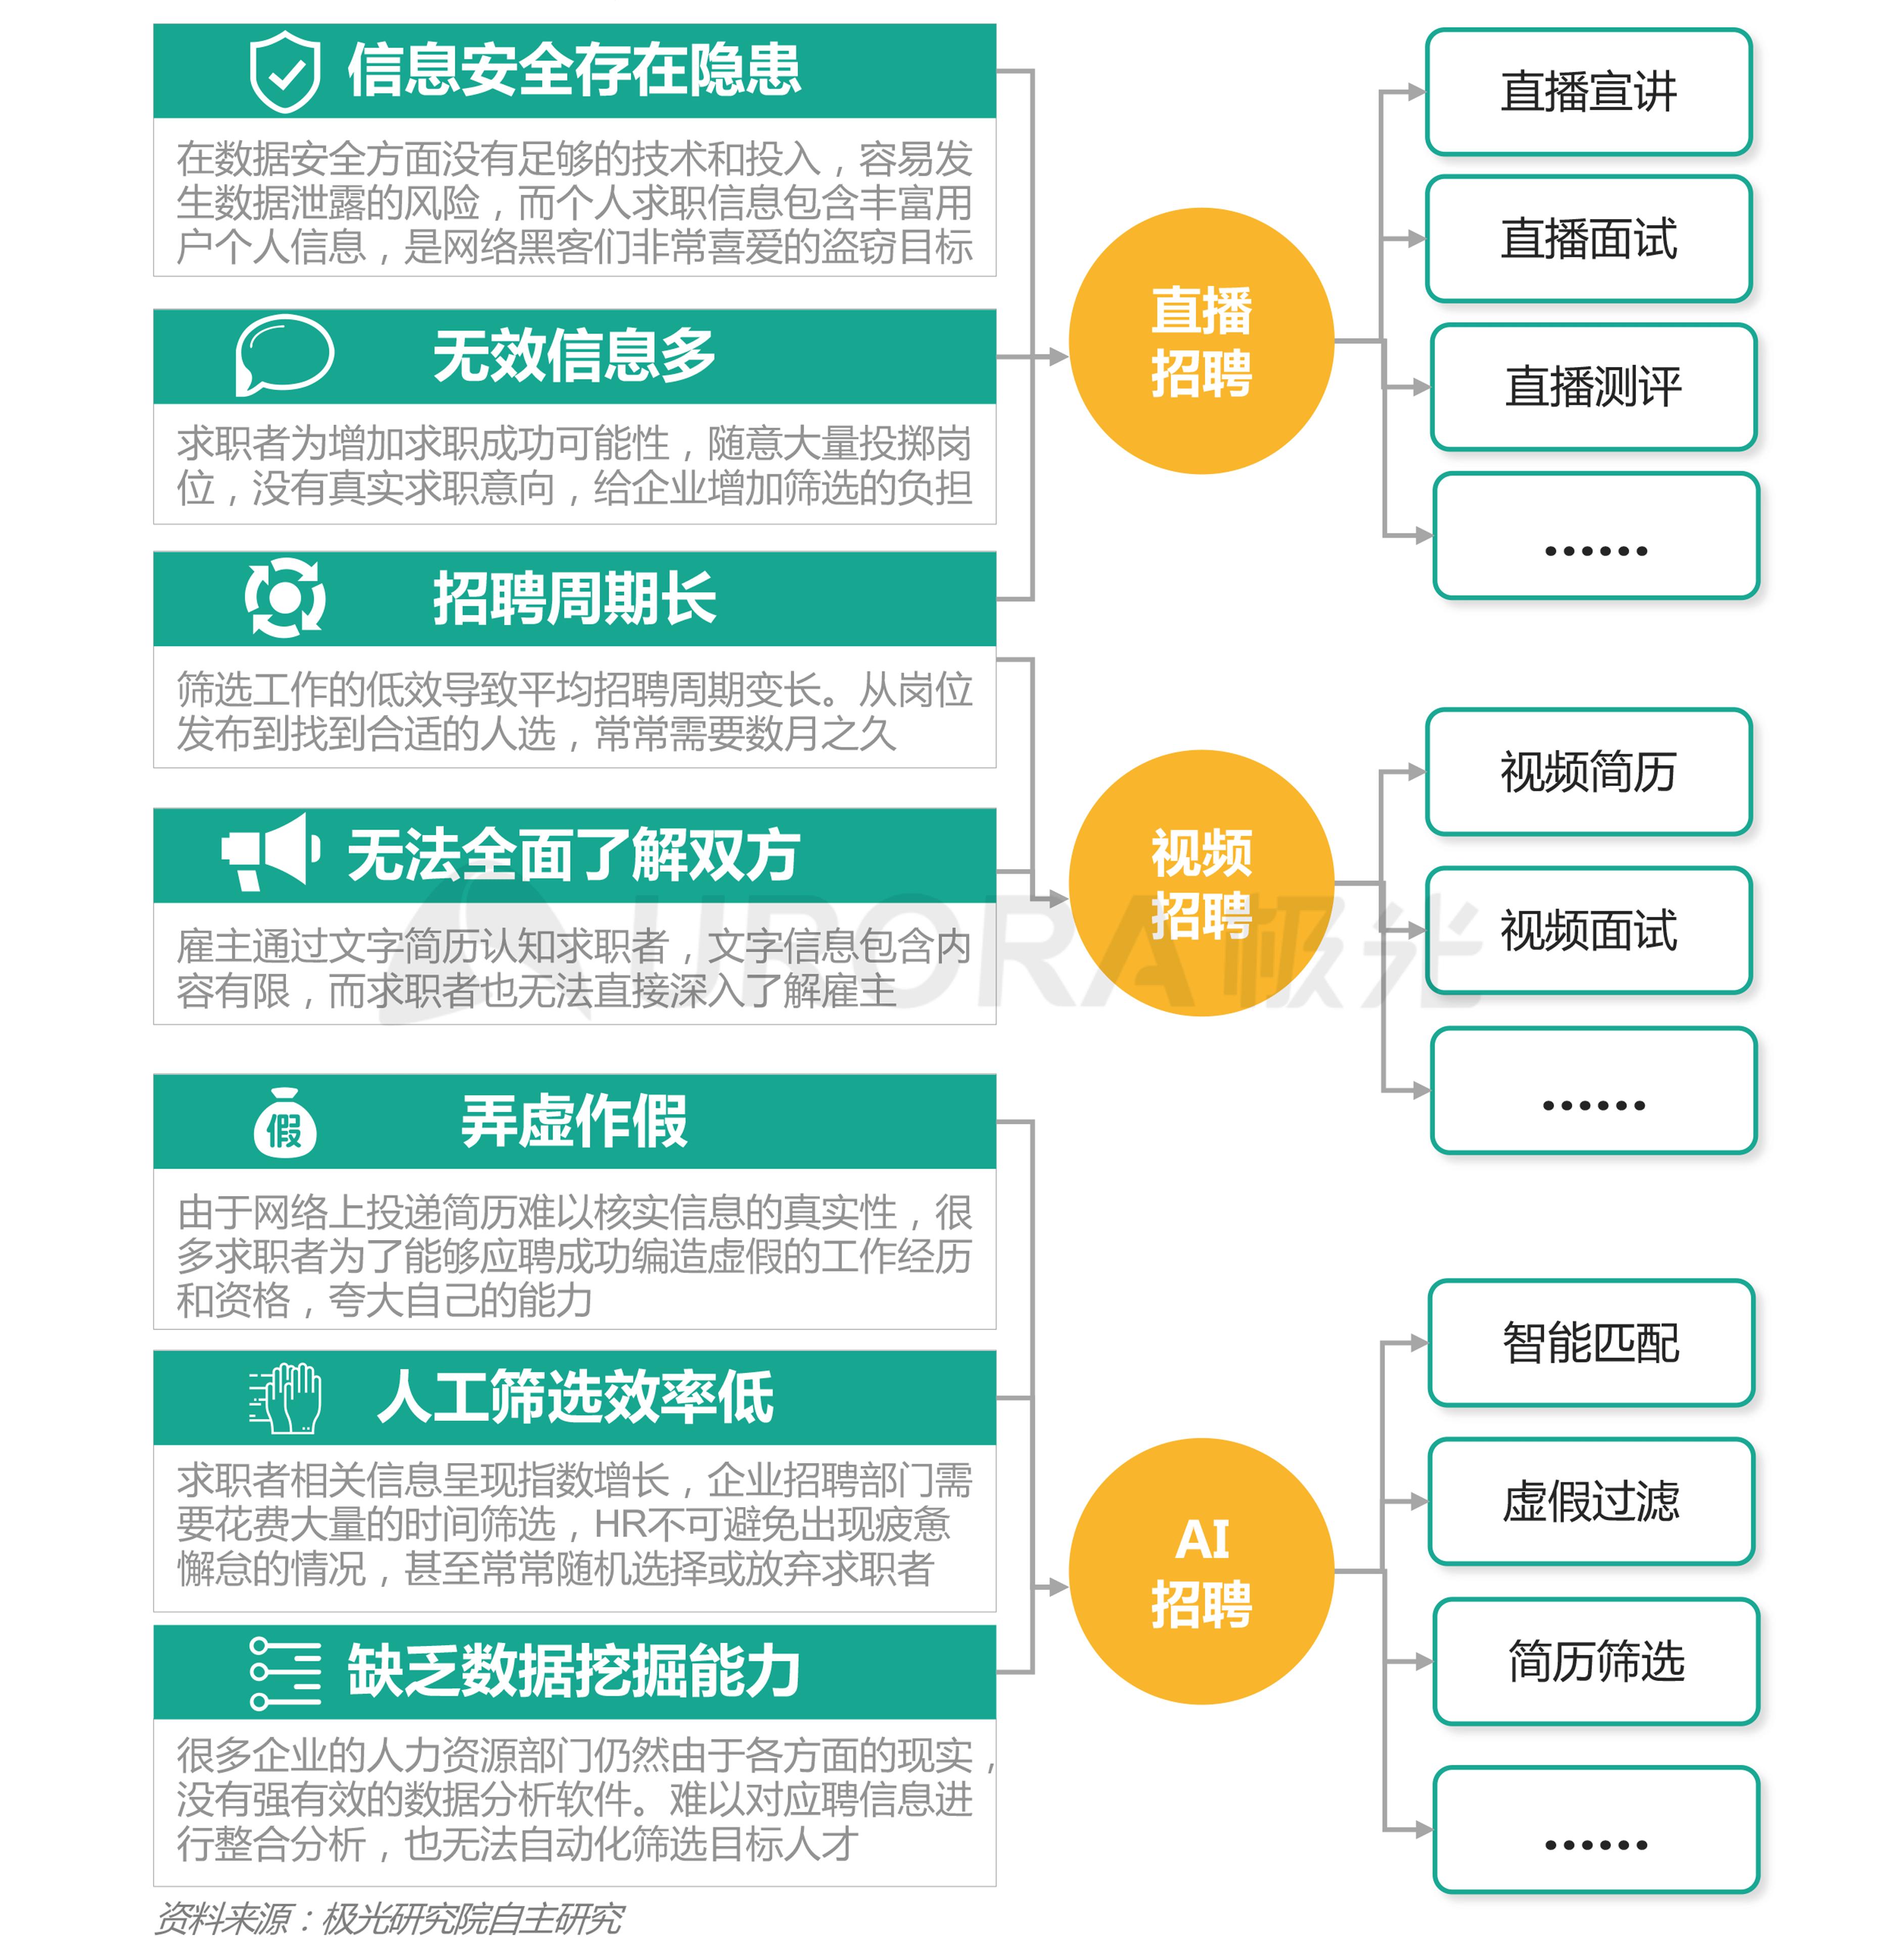 """""""超职季""""招聘行业报告-技术篇 (3).png"""